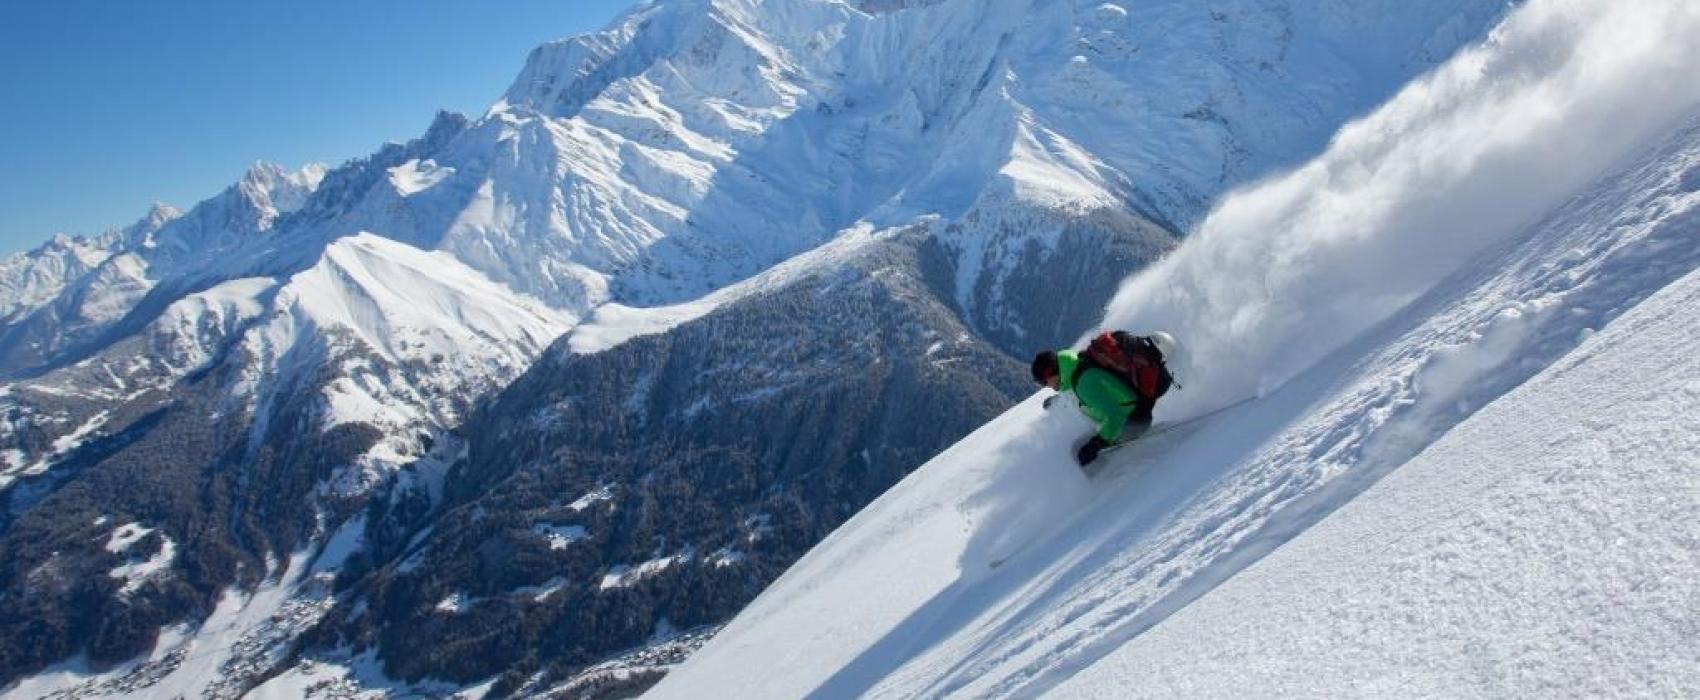 Montagne et skieur